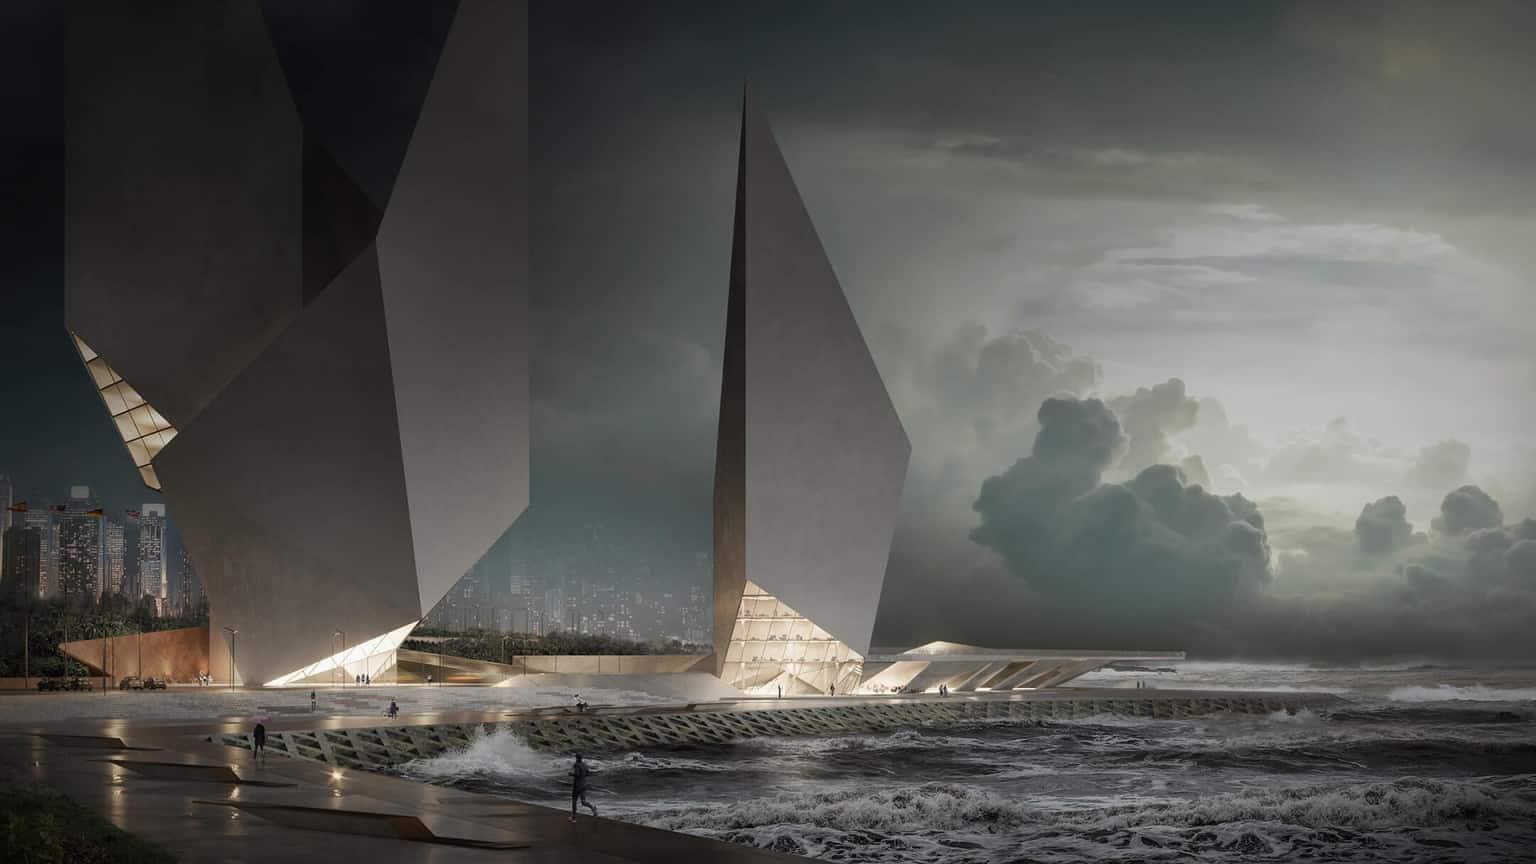 Visualização em 3D - Estúdio de visualização 3D e sua forma de ajudar os arquitetos